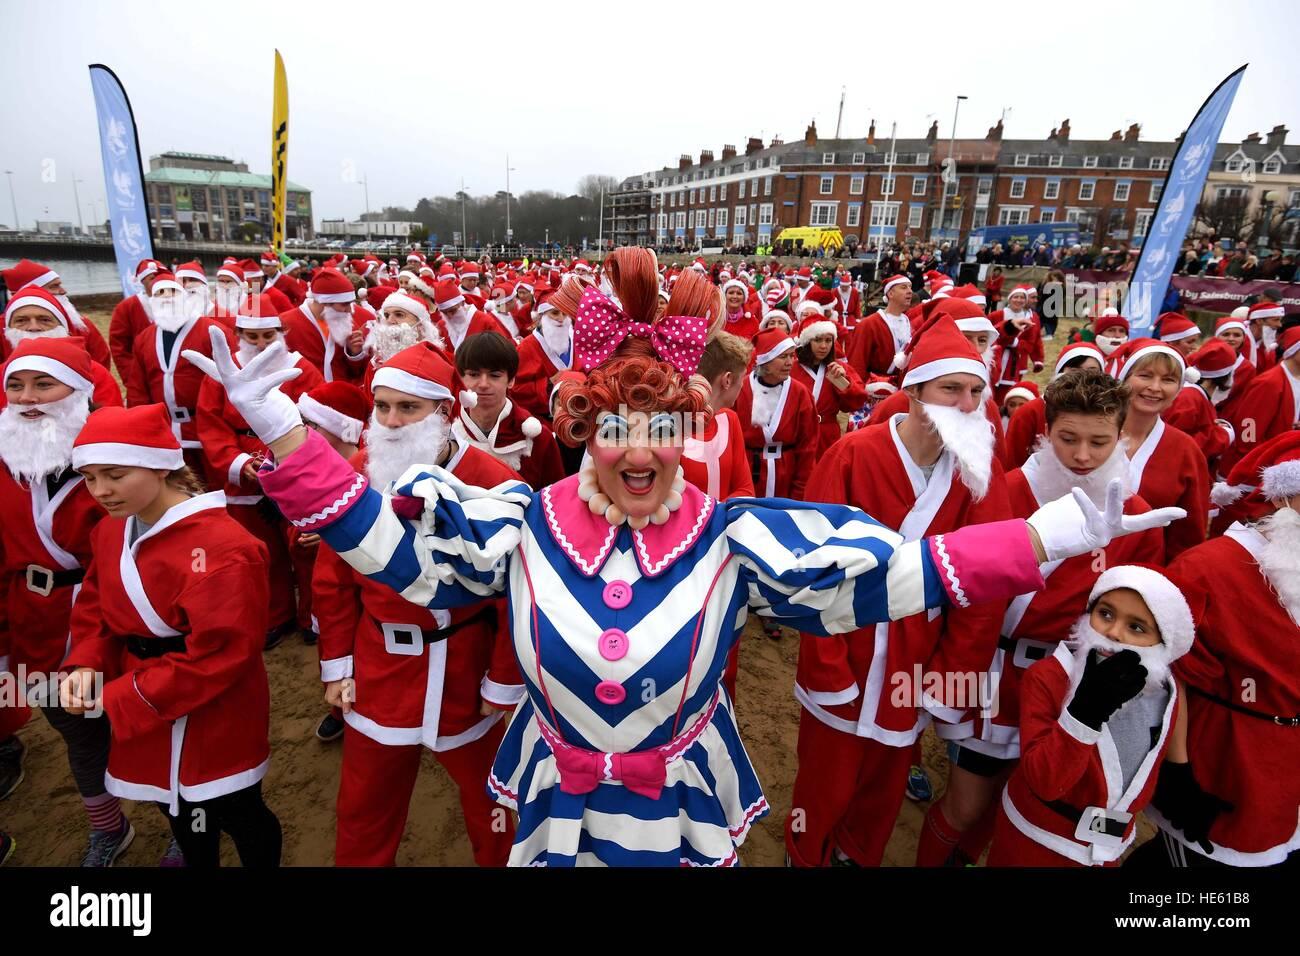 Plage de Weymouth, dans le Dorset, UK. Dec 18, 2016. Chase le pudding Santa Run sur plage de Weymouth, dans le Dorset, Photo Stock